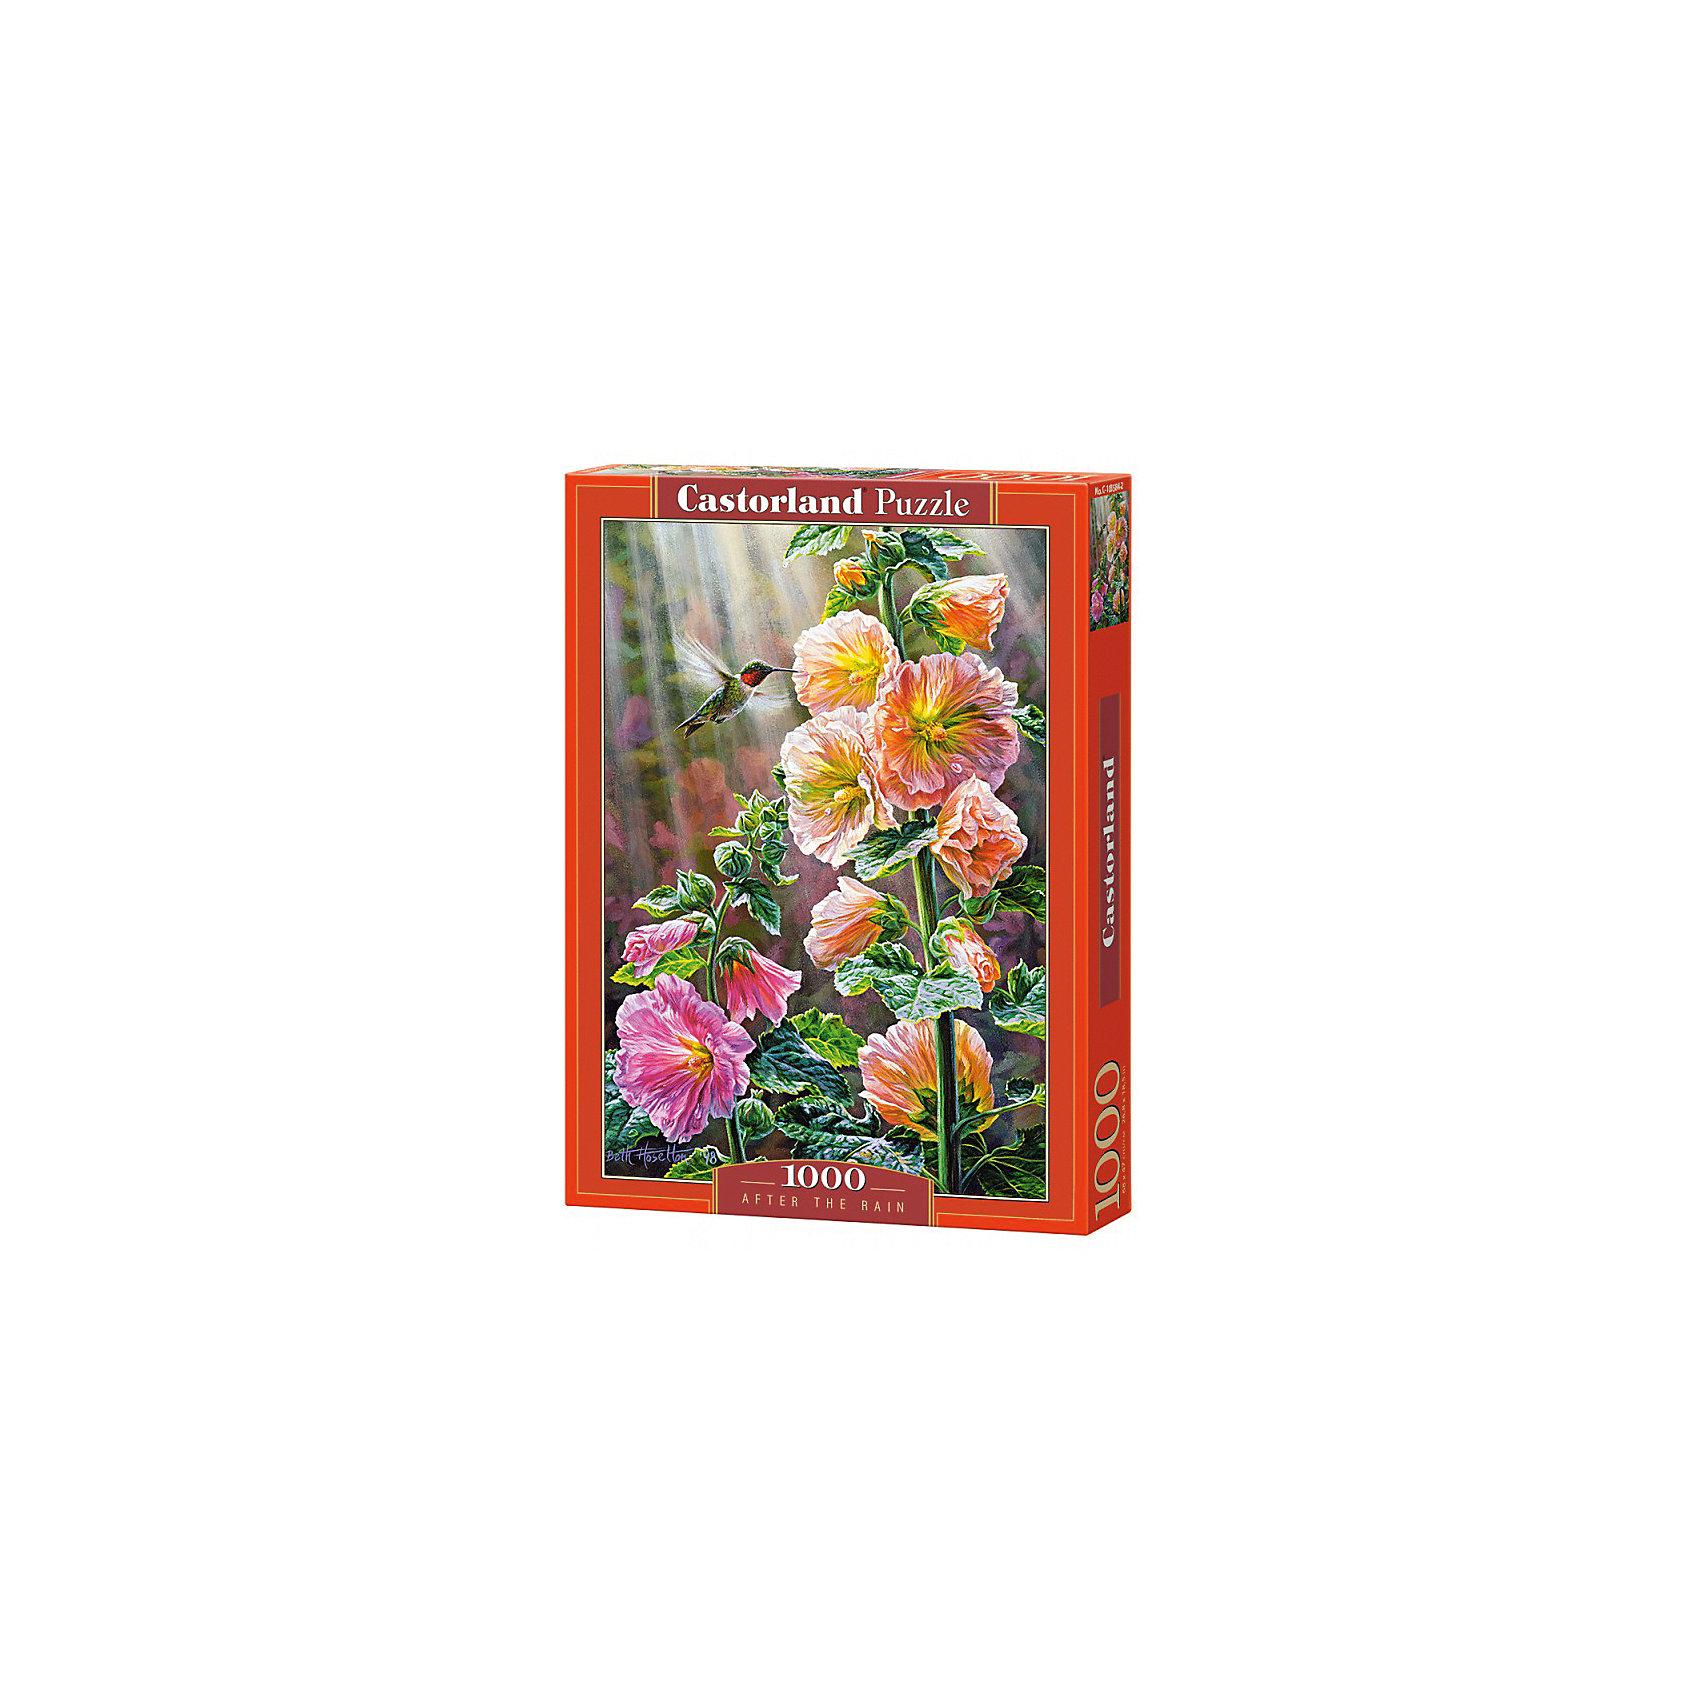 Пазл Castorland После дождя, 1000 деталейКлассические пазлы<br>Характеристики:<br><br>• возраст: от 9 лет<br>• количество деталей: 1000 шт.<br>• размер собранного пазла: 47х68 см.<br>• размер 1 элемента пазла: 1,8х1,8 см.<br>• материал: картон<br>• упаковка: картонная коробка<br>• размер упаковки: 25x5x35 см.<br>• вес: 500 гр.<br>• страна обладатель бренда: Польша<br><br>Пазл «После дождя» от Castorland (Касторленд) отличается высоким качеством, высоким уровнем полиграфии, насыщенными цветами и идеальной стыковкой элементов. Пазл «После дождя» предназначен для сборки детьми среднего и старшего возраста и, конечно, для взрослых. Залитые лучами солнца цветы, зеленая листва и порхающая над ними колибри.<br><br>Пазл После дождя, 1000 деталей, Castorland (Касторленд) можно купить в нашем интернет-магазине.<br><br>Ширина мм: 350<br>Глубина мм: 250<br>Высота мм: 50<br>Вес г: 500<br>Возраст от месяцев: 108<br>Возраст до месяцев: 2147483647<br>Пол: Унисекс<br>Возраст: Детский<br>SKU: 6725072